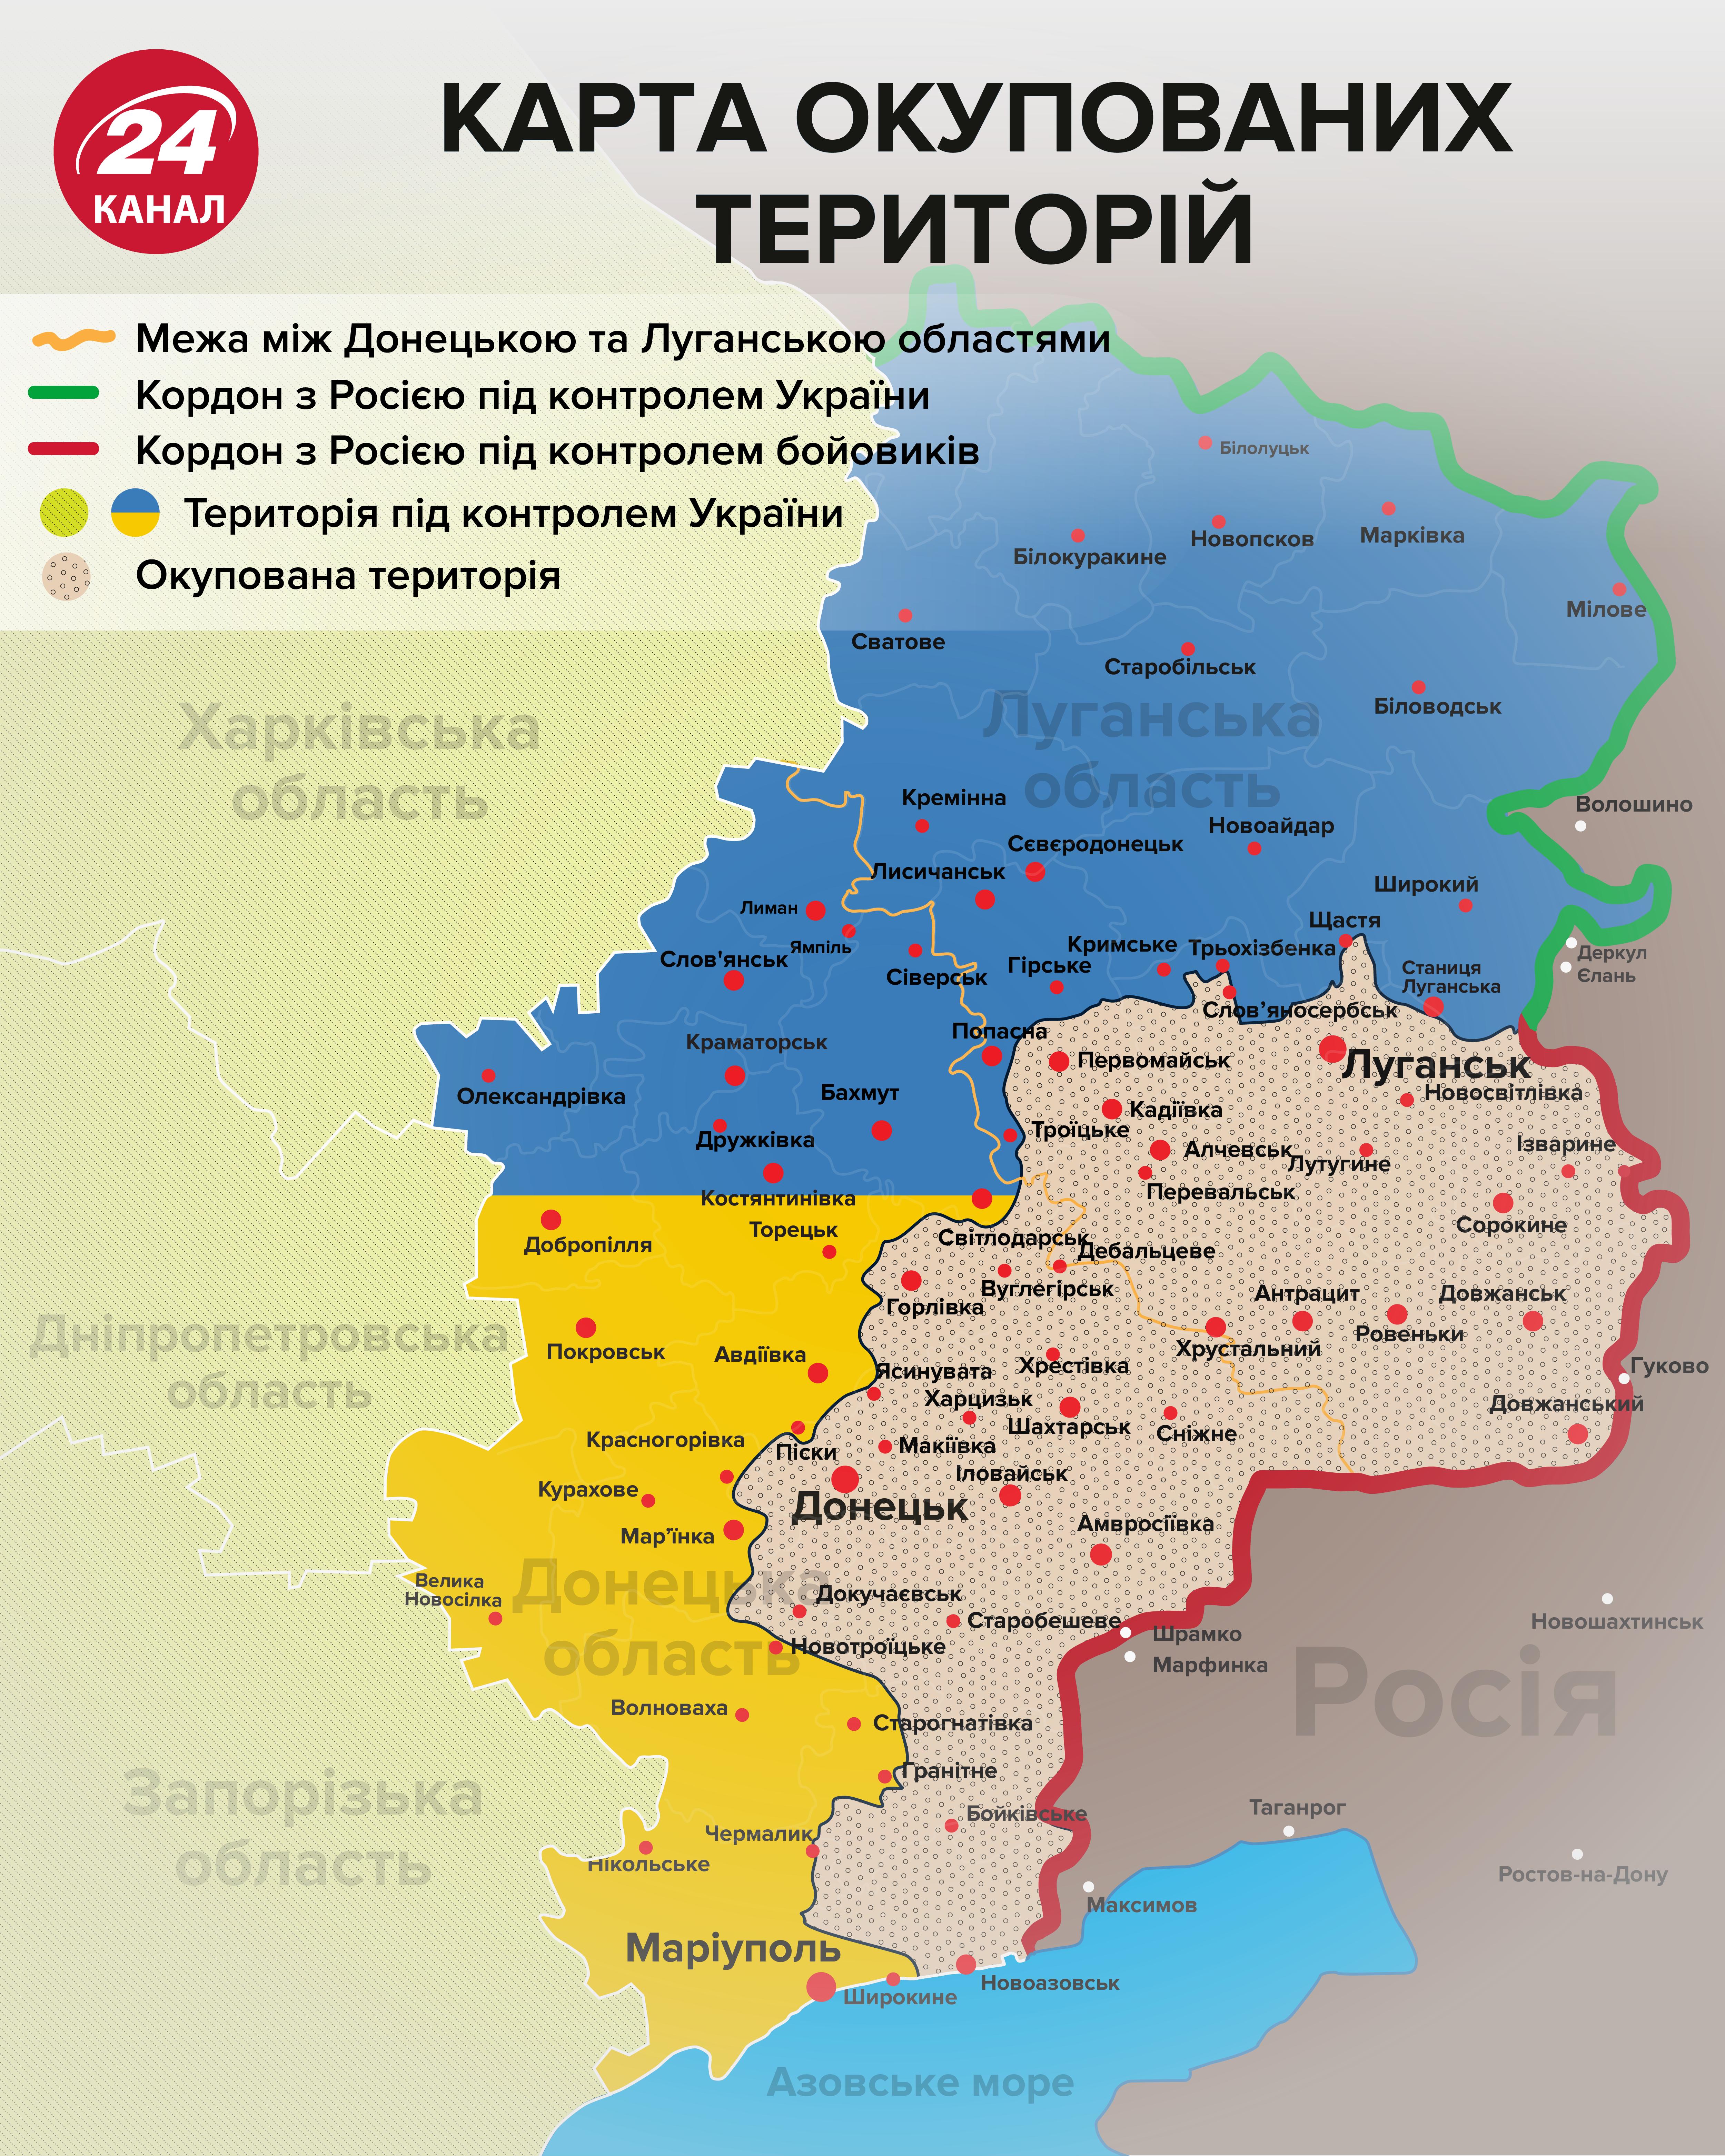 карта окупованих територій України Донбас які населені пункти окуповані карта